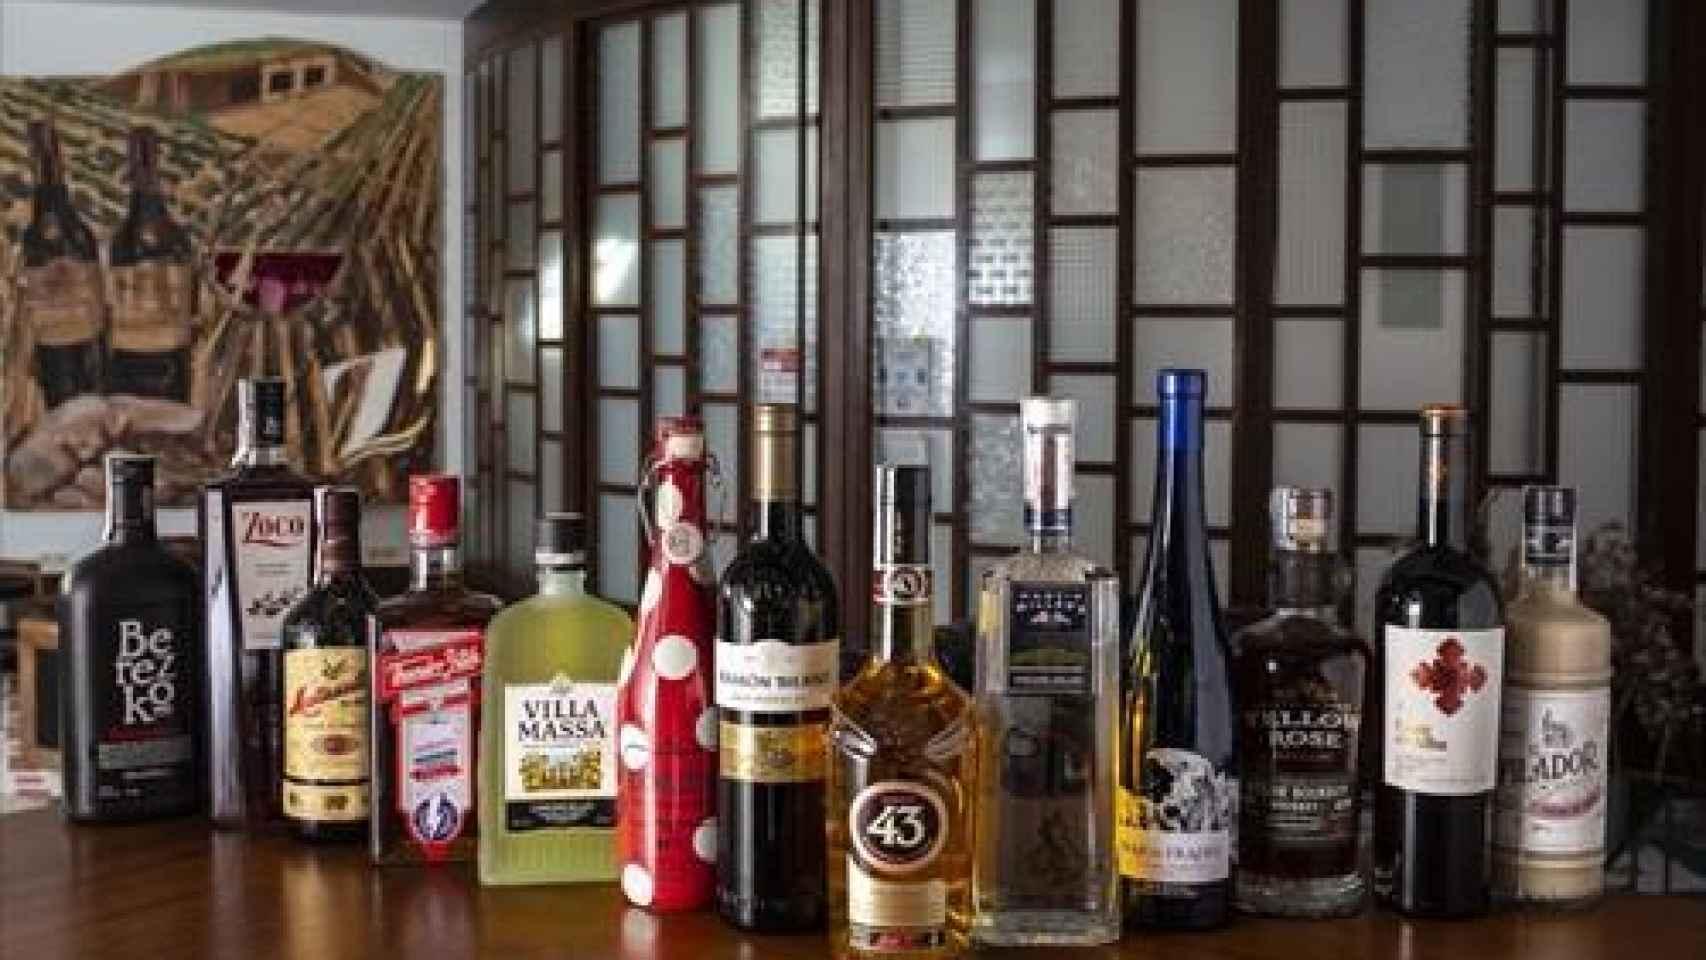 Zamora Company cerró 2020 con una caída de las ventas del 17,2% por su fuerte exposición a la hostelería